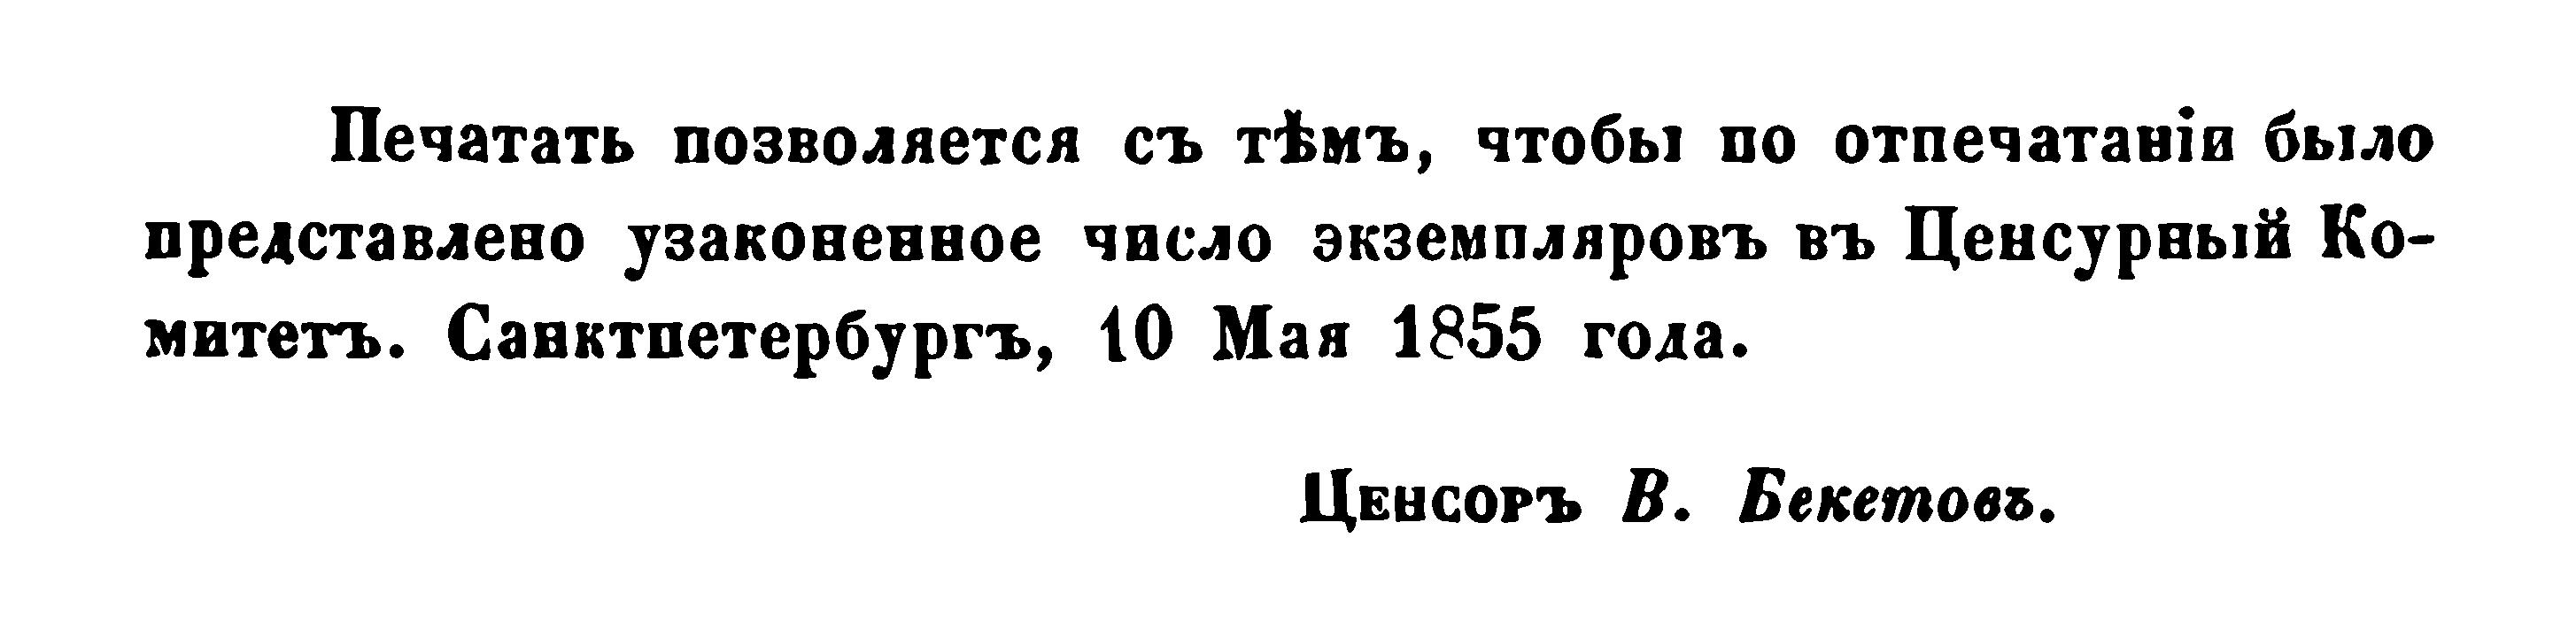 Mihail_Osipovich_Bez-Kornilovich_Istoricheskie_svedeniya_o_primechatelneyshih_mestah_v_Belorussii_RuLit_Net_290313_2